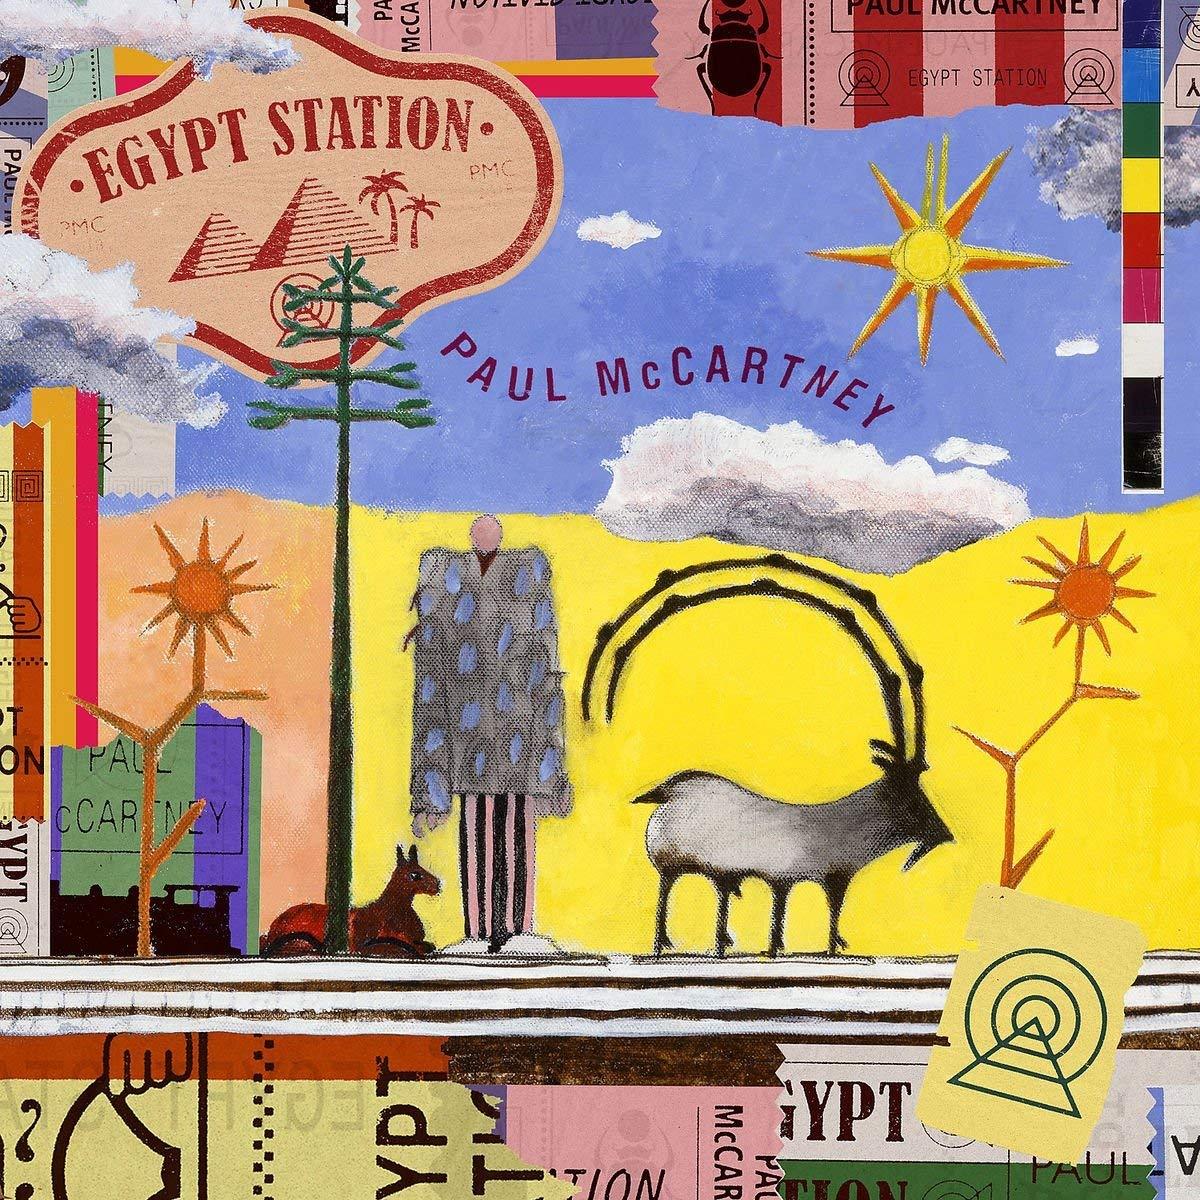 【輸入盤】エジプト・ステーション [ Paul McCartney ]